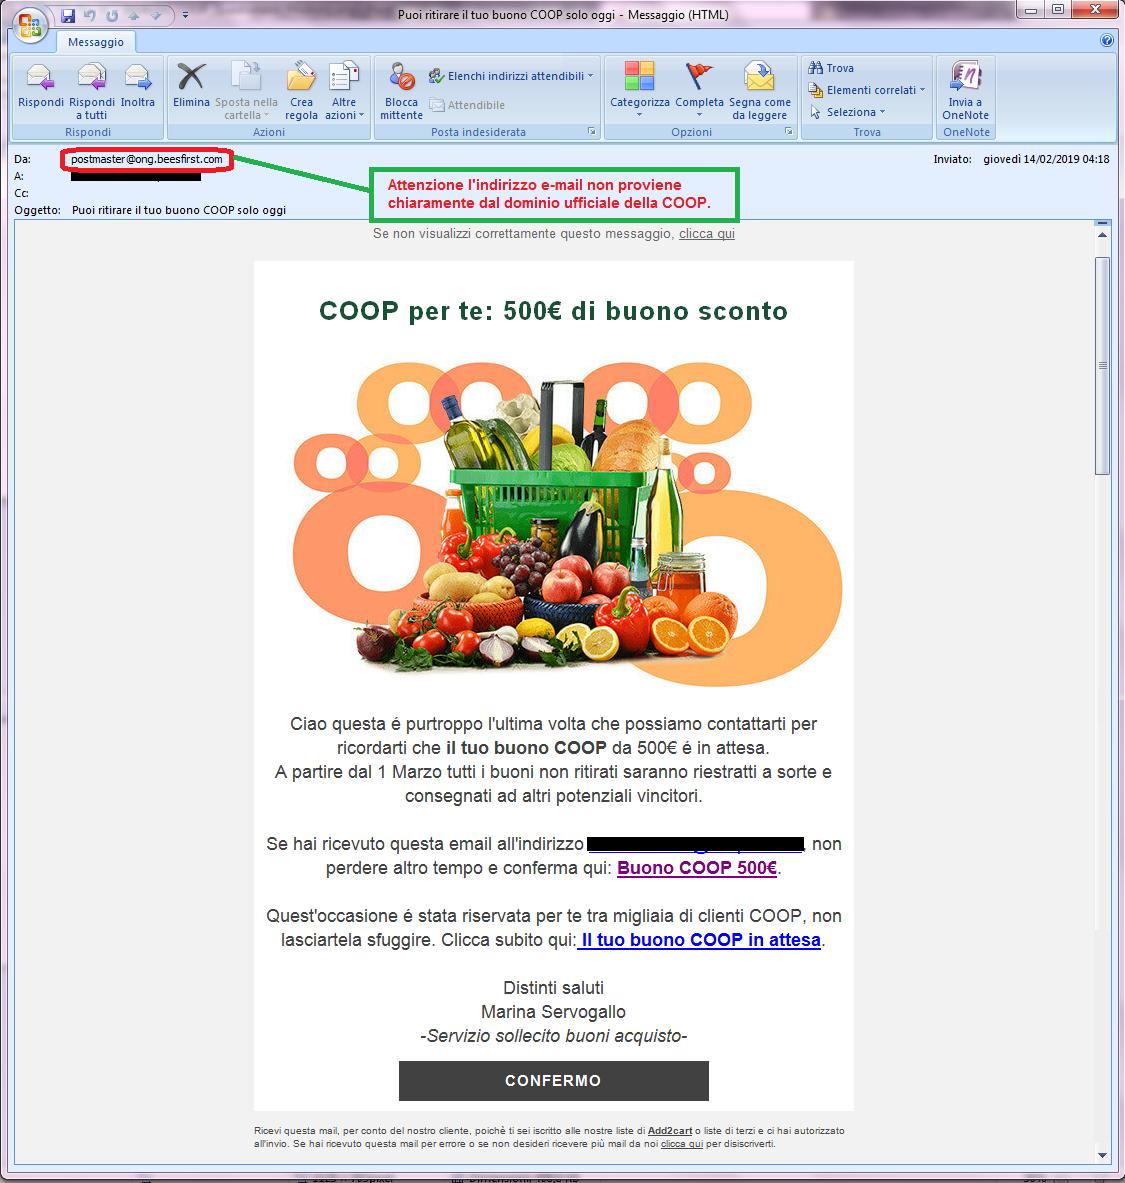 Clicca per ingrandire l'immagine della falsa e-mail della COOP che offre la possibilità di vincere un buono del valore di 500 Euro ma che in realtà è una TRUFFA!